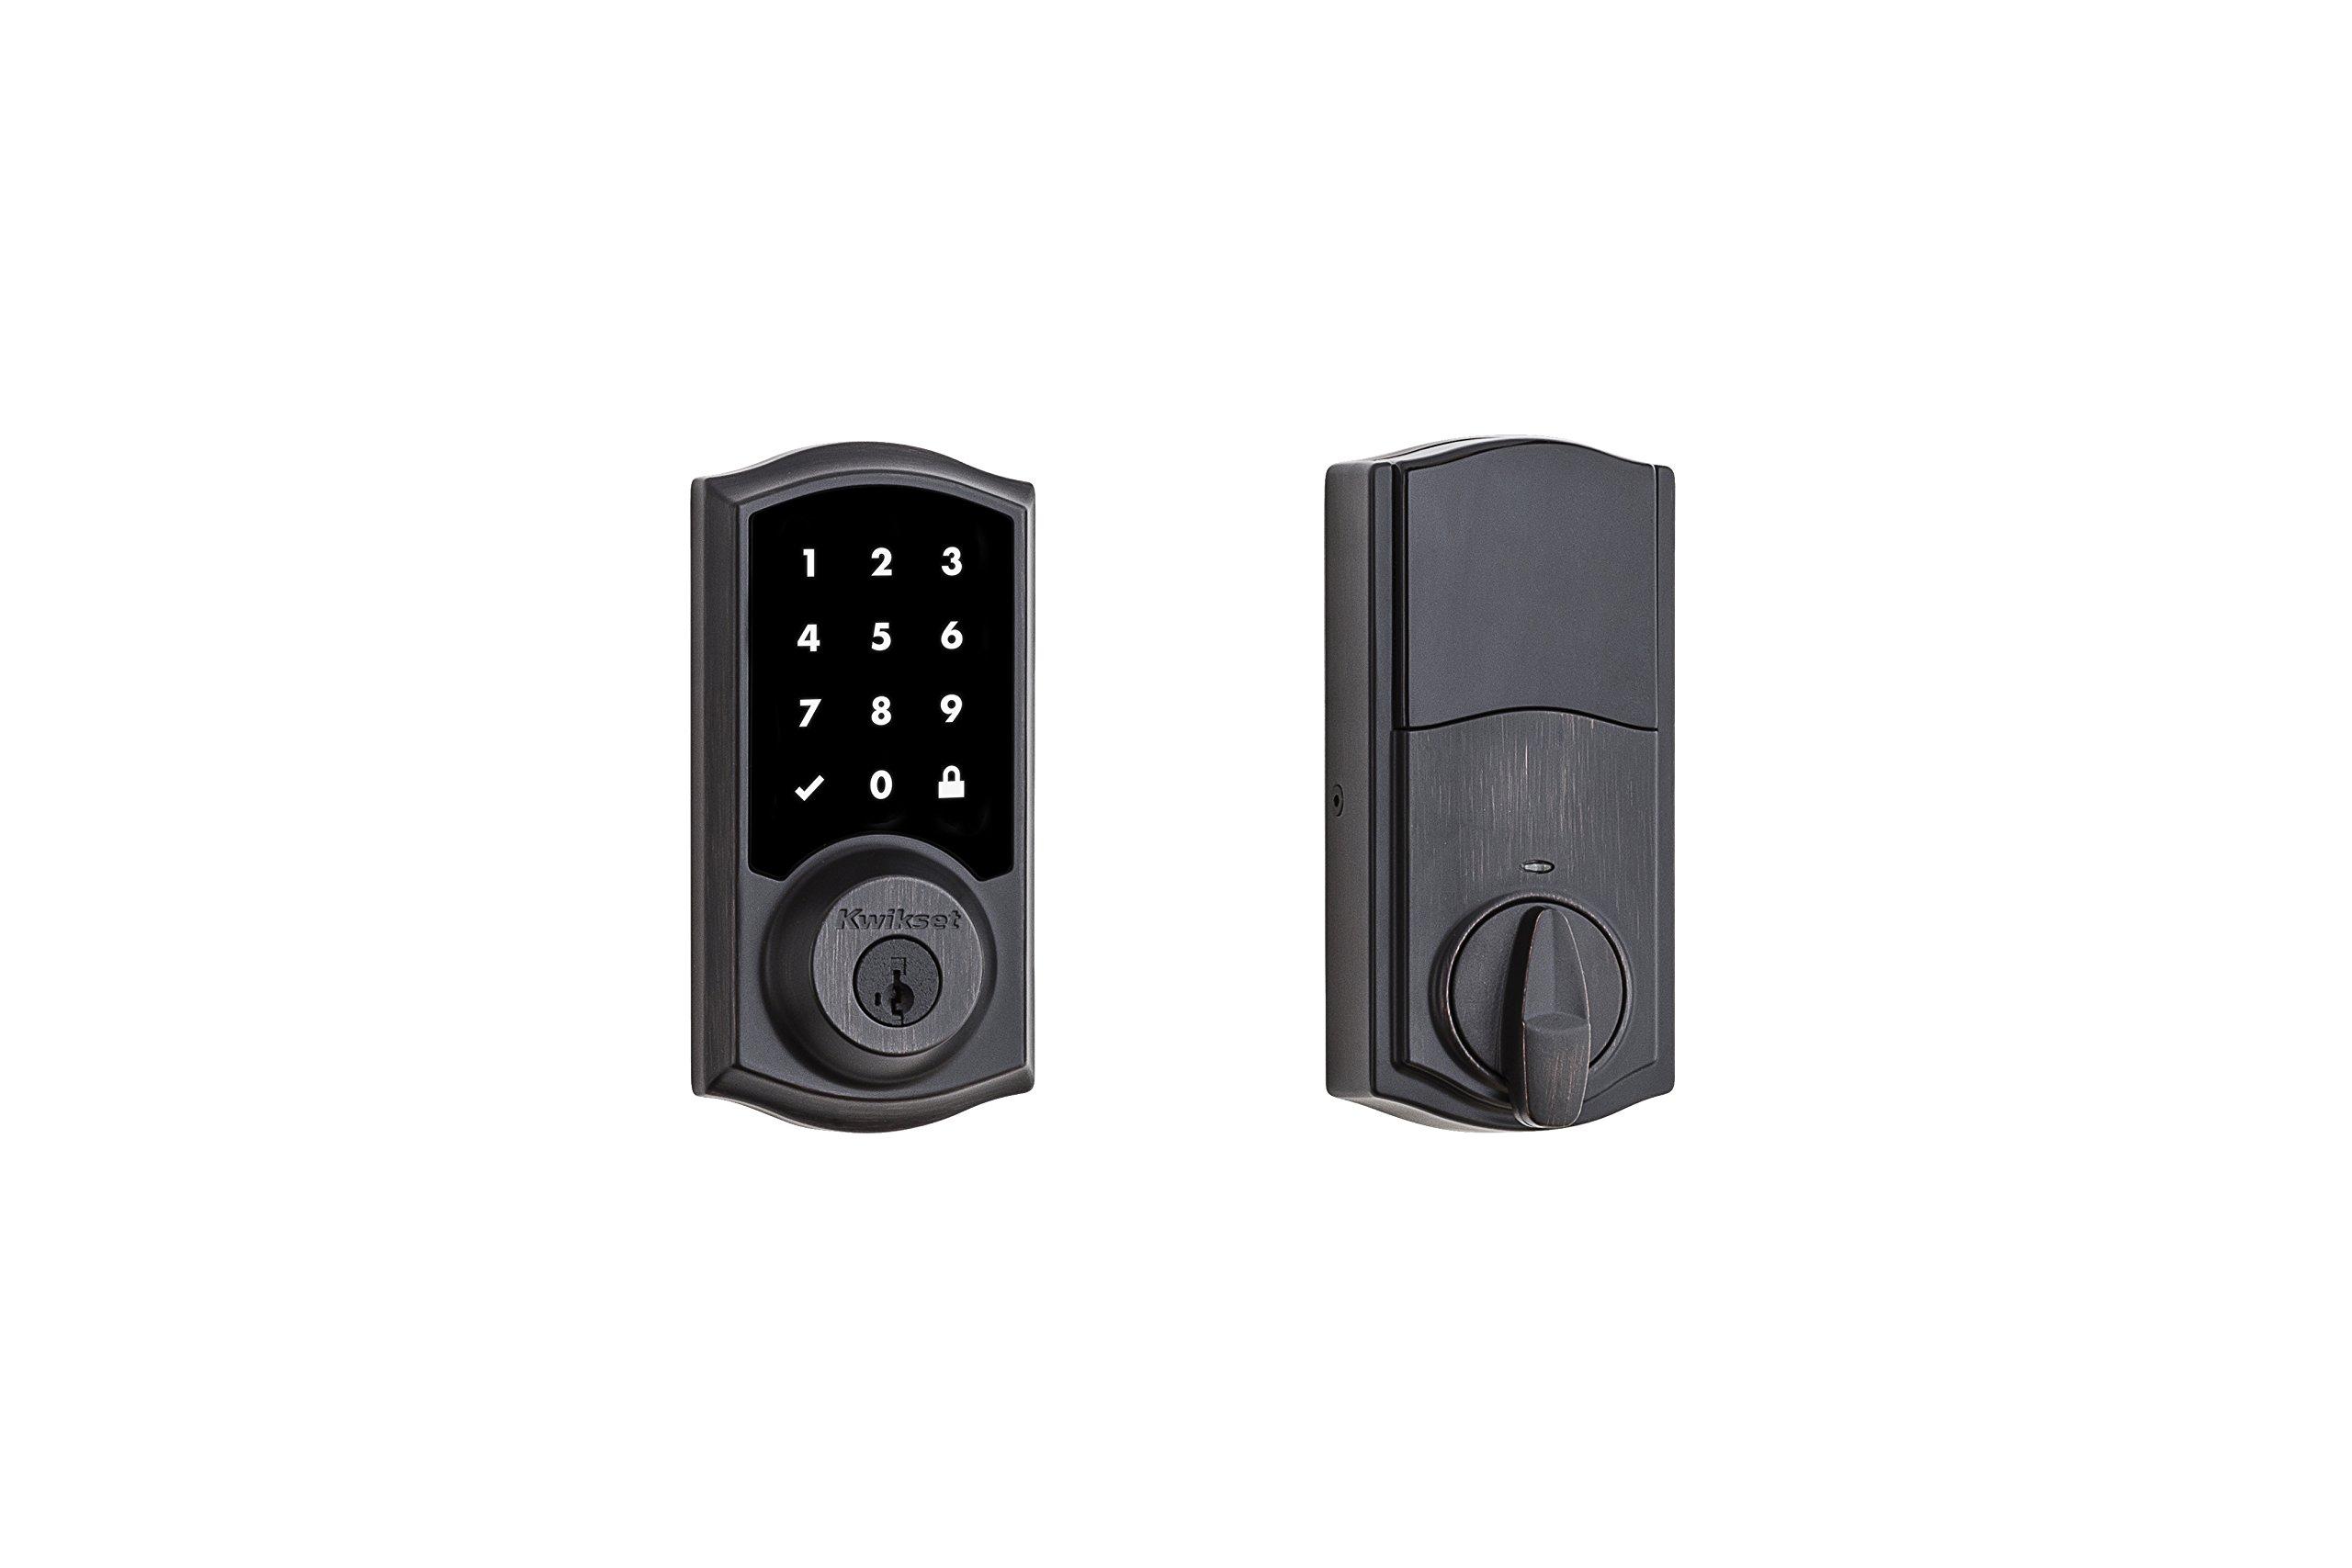 Kwikset 99160-021 SmartCode 916 Z-Wave Plus Touchscreen Deadbolt, Venetian Bronze